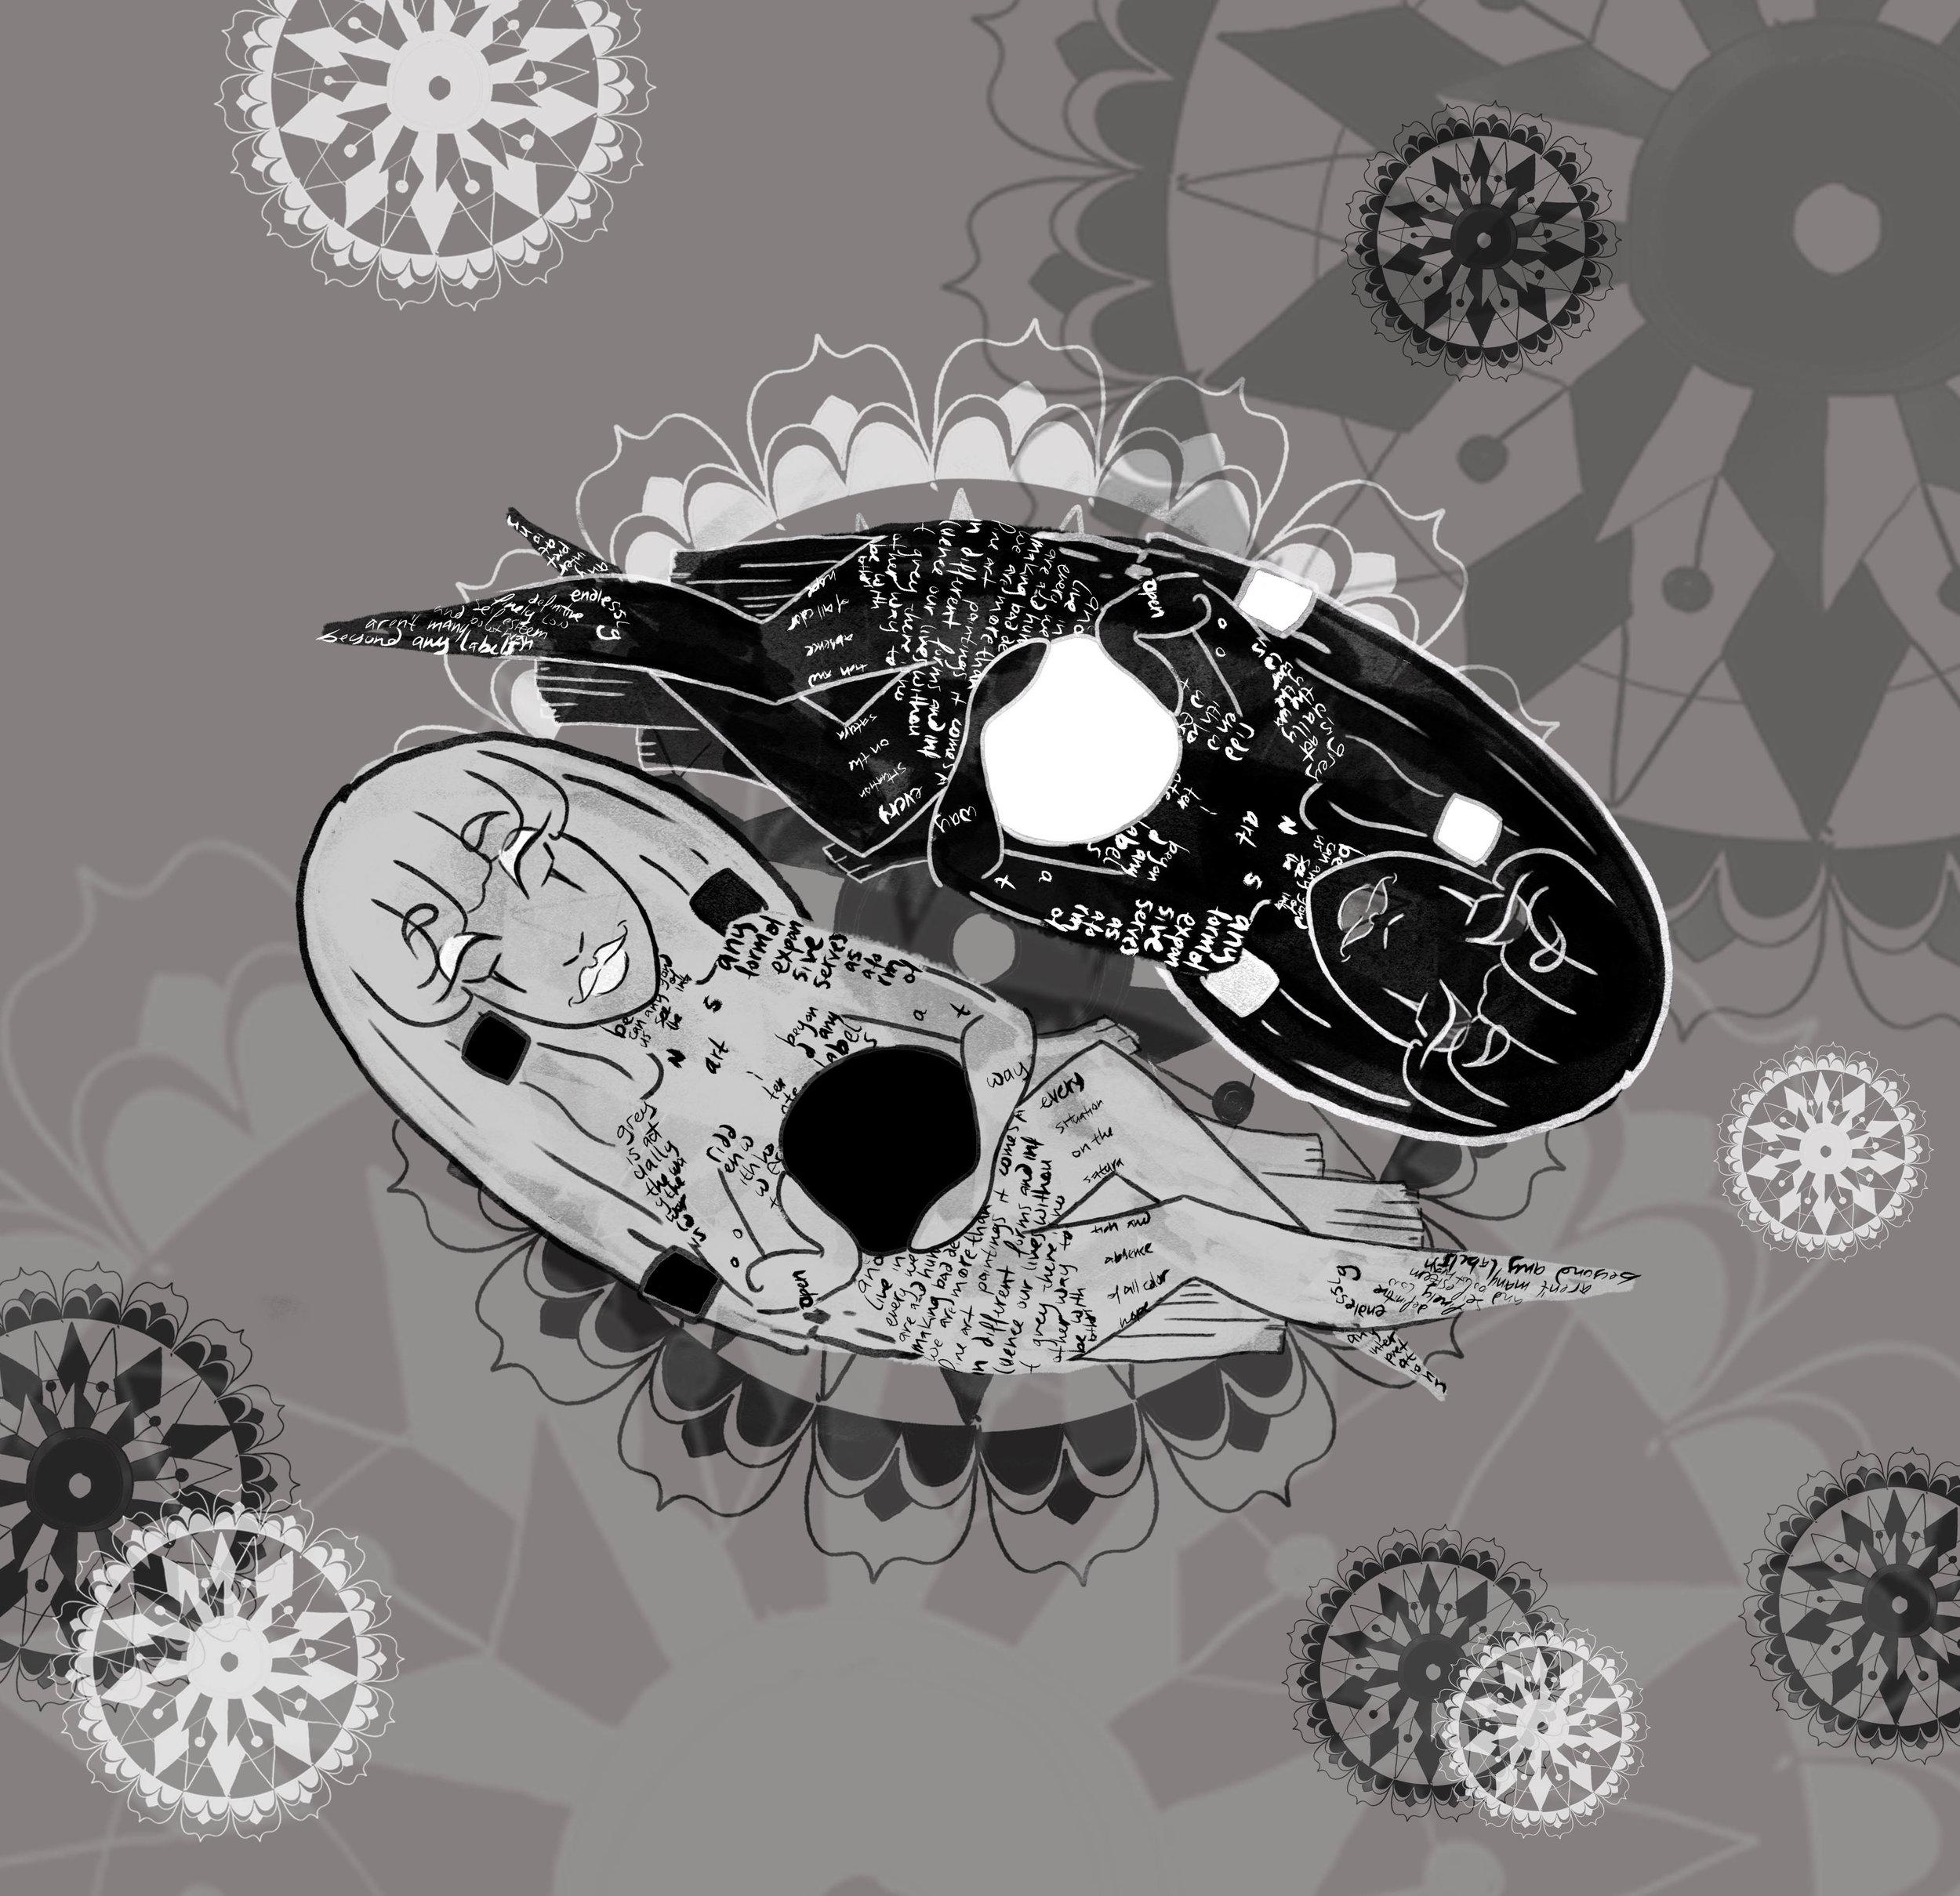 yin yang final.jpg